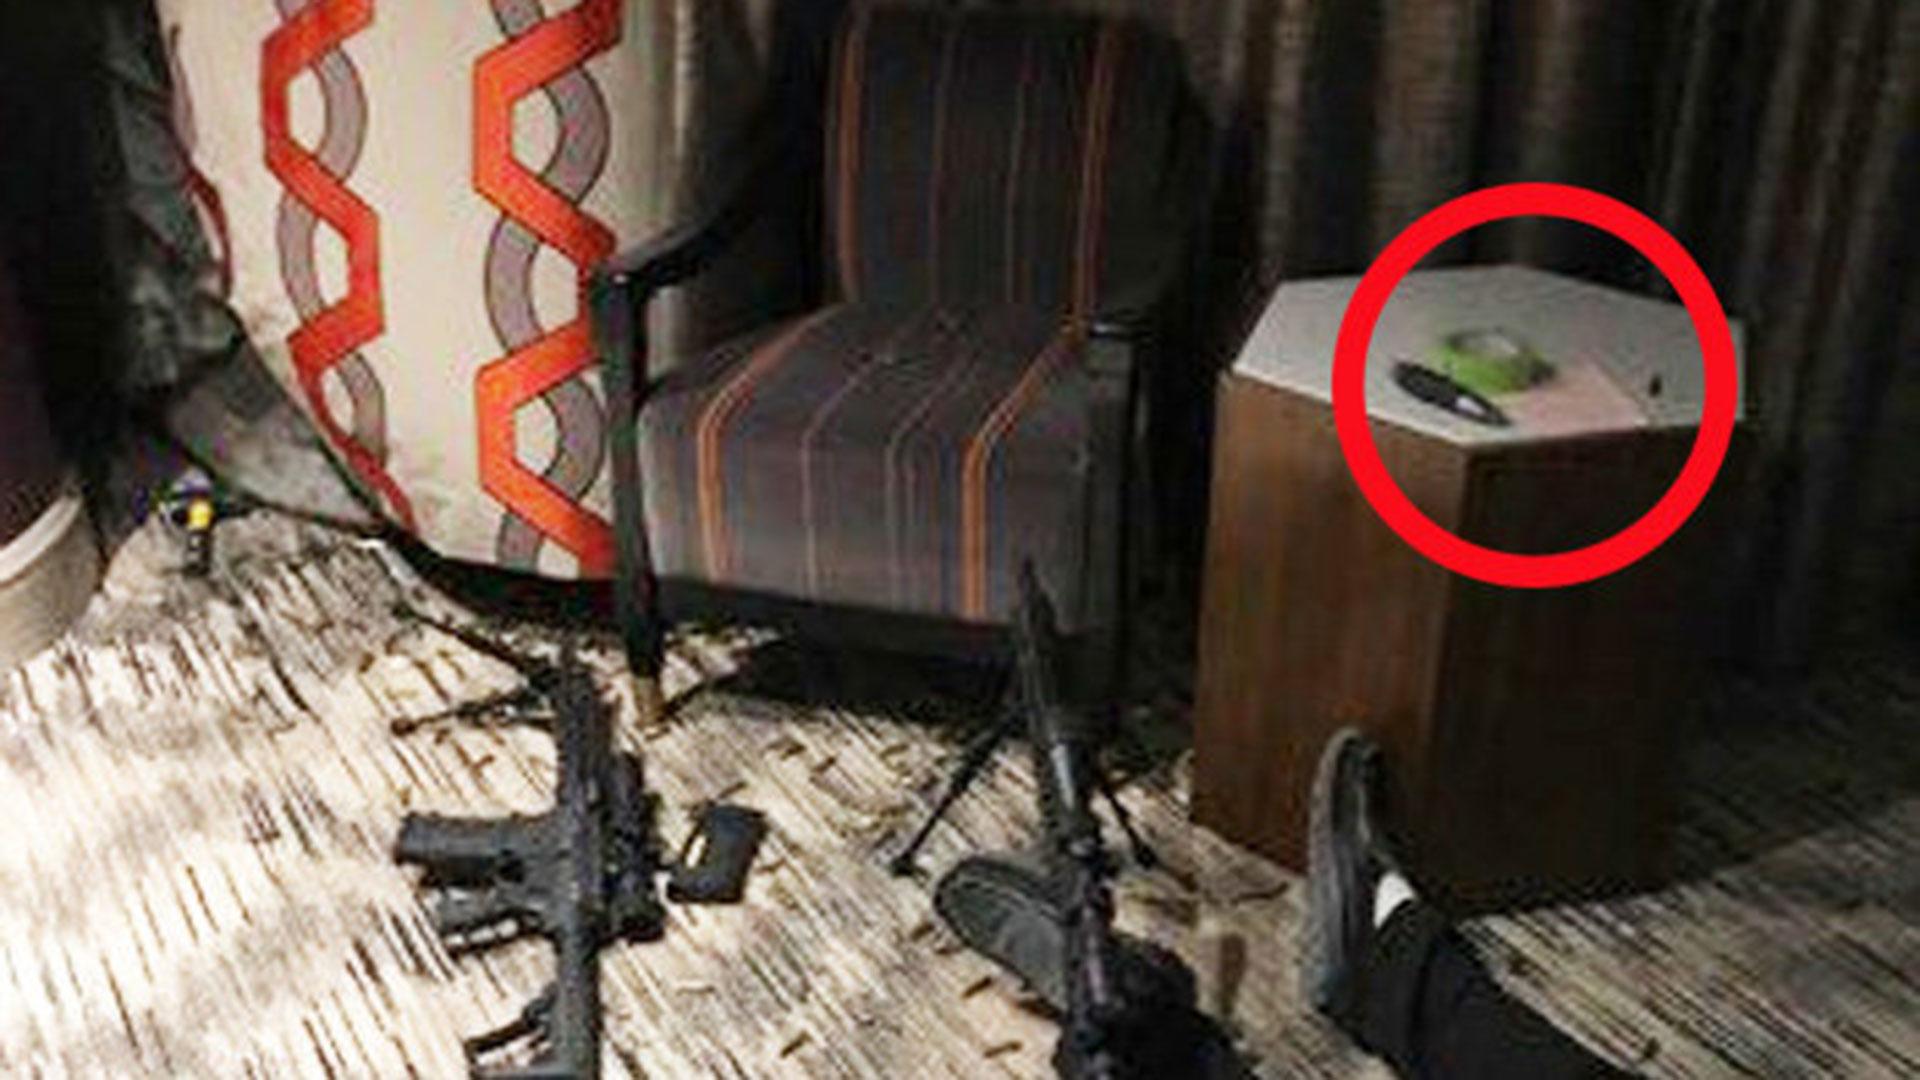 La nota que el tirador tenía junto a él en la habitación desde donde disparó